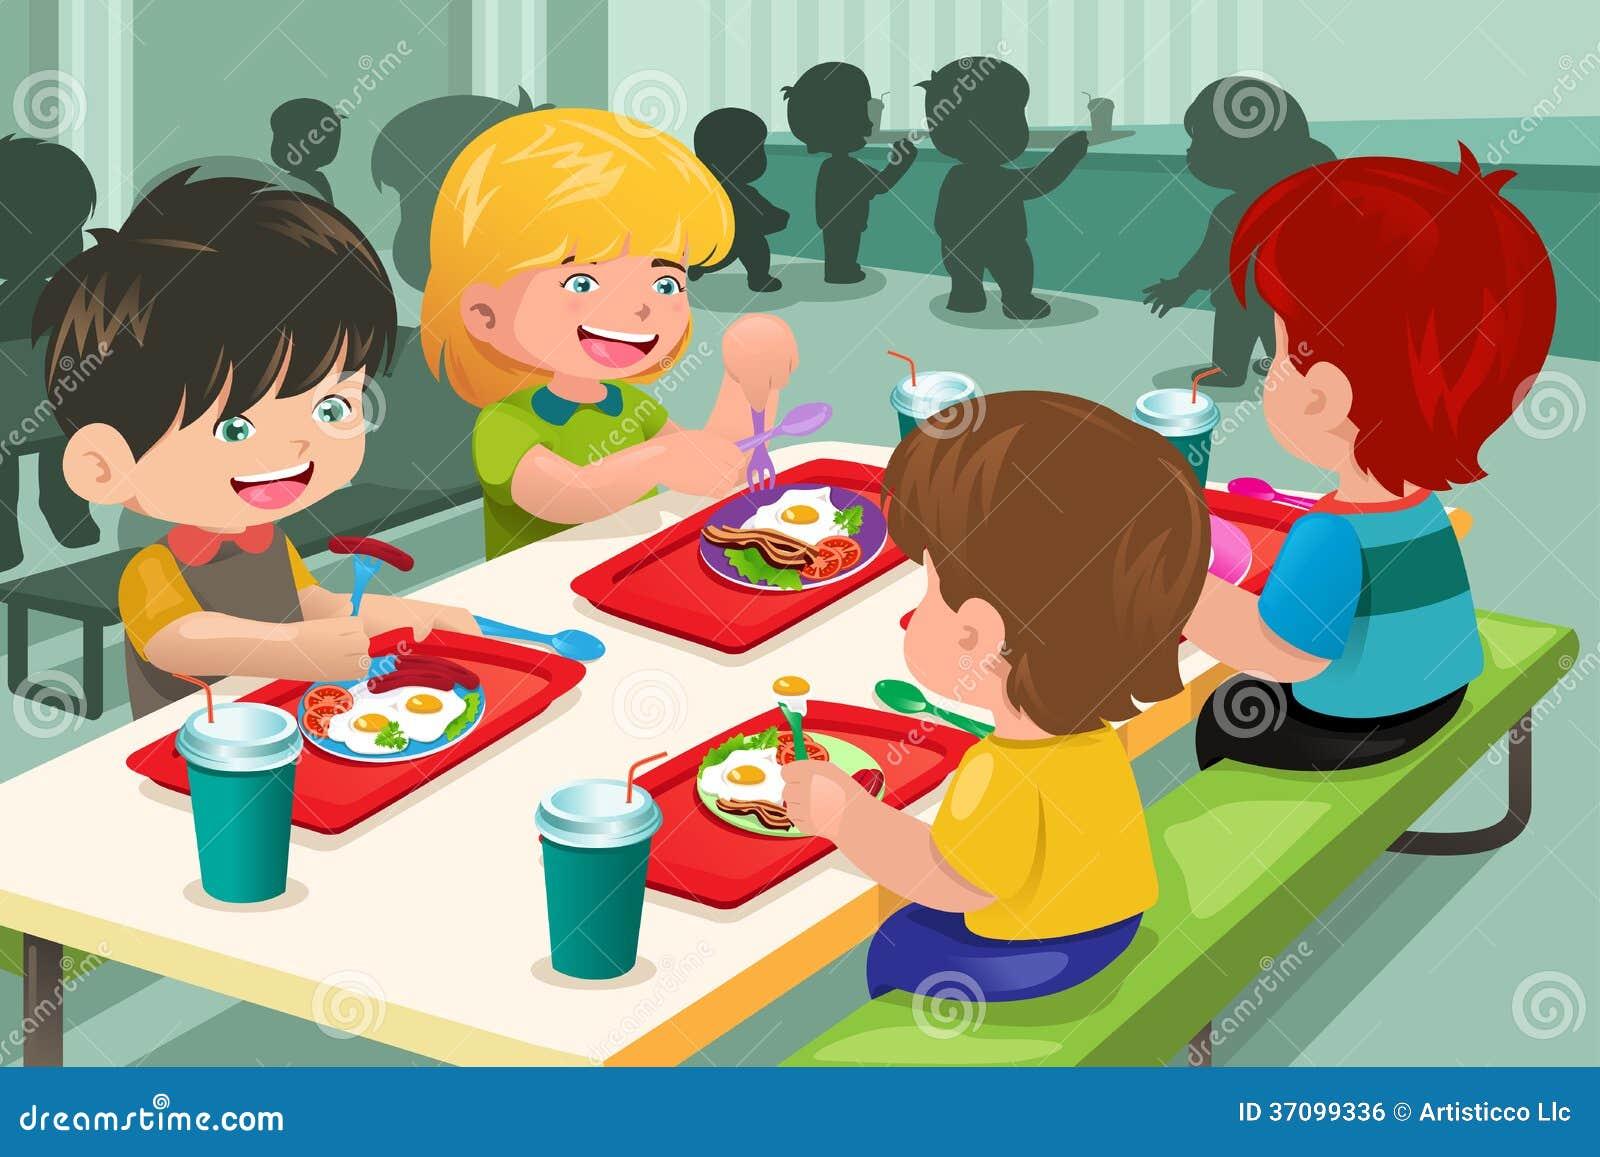 Элементарные студенты есть обед в столовой